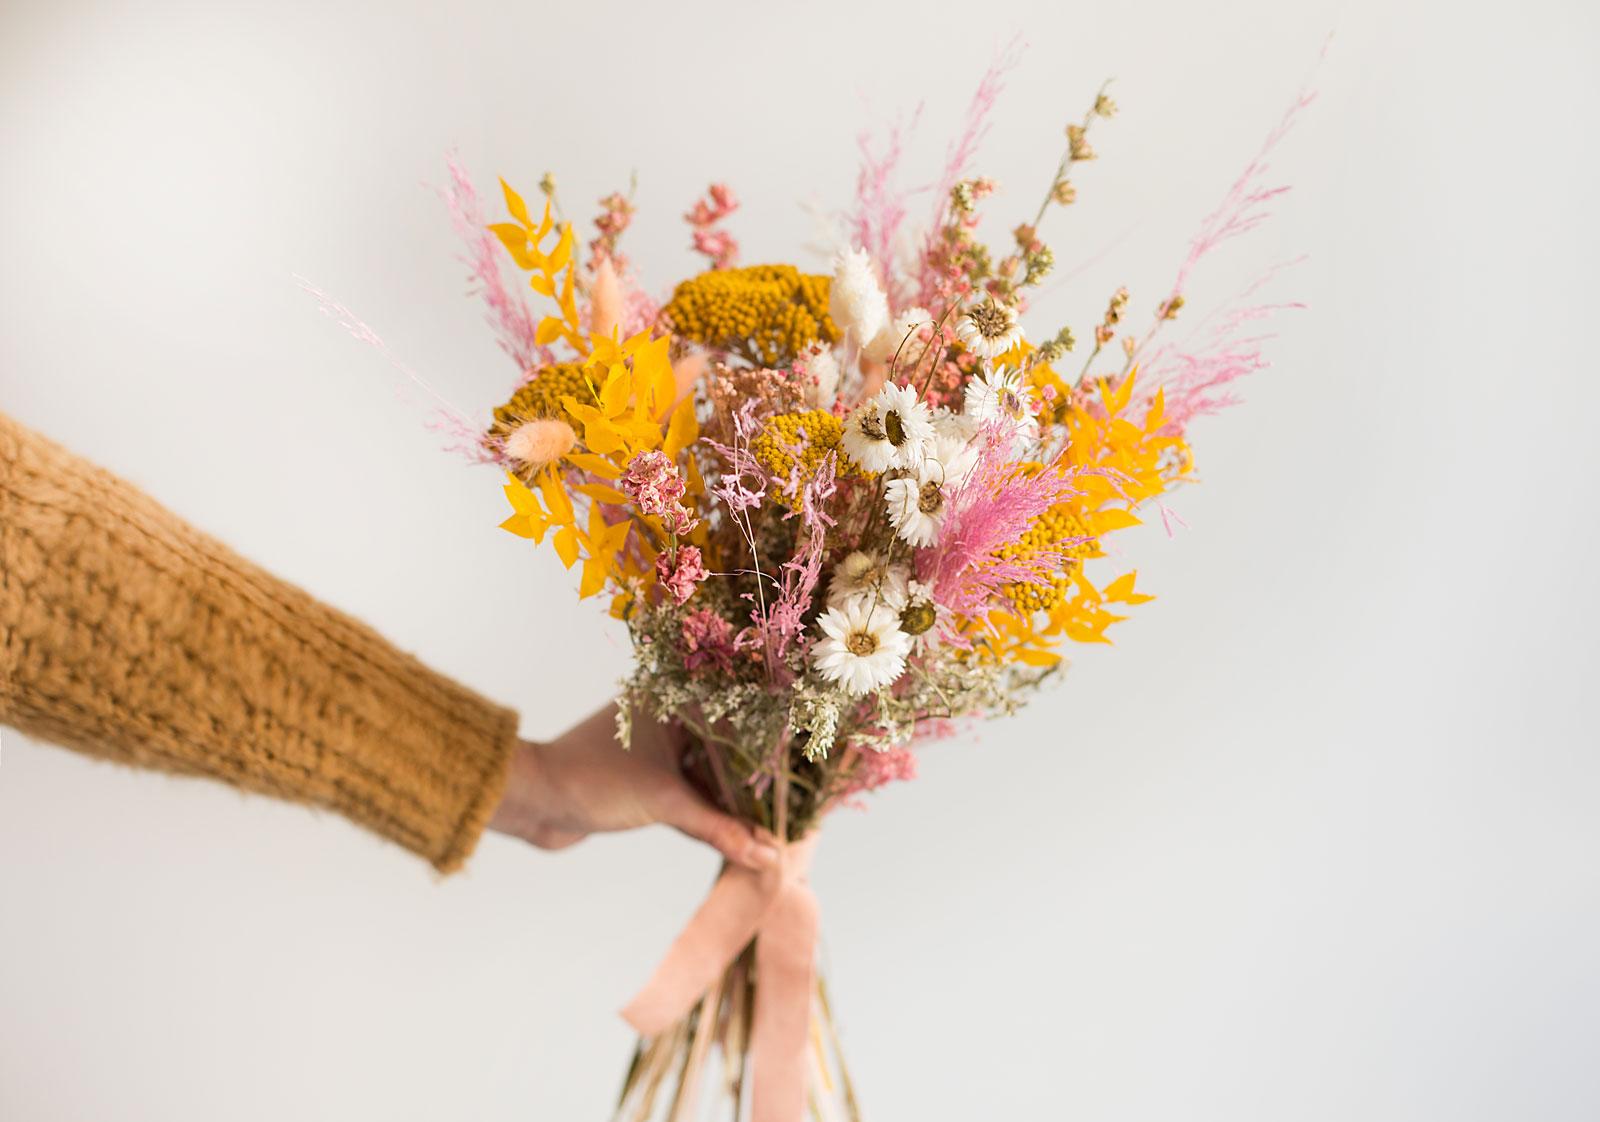 Trencadissa, floristería en Badalona-Barcelona, especializada en flor seca y preservada